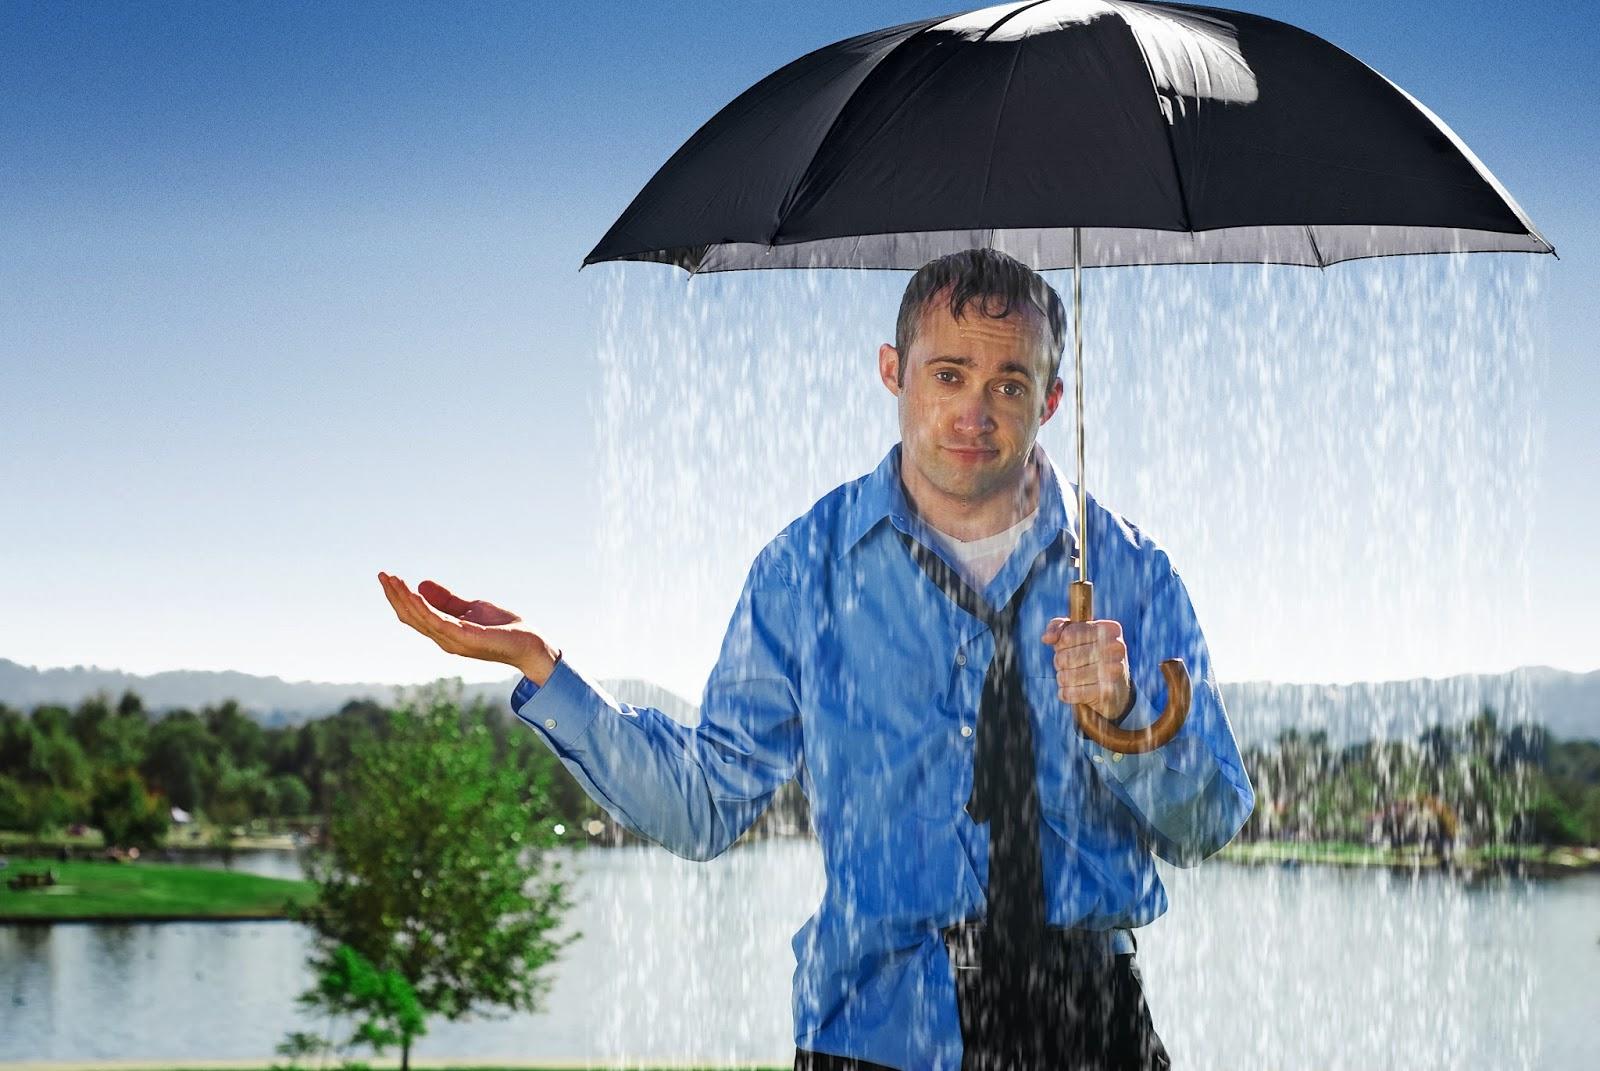 Пессимизм может предотвратить появление проблемы, но не научит извлекать из нее урок